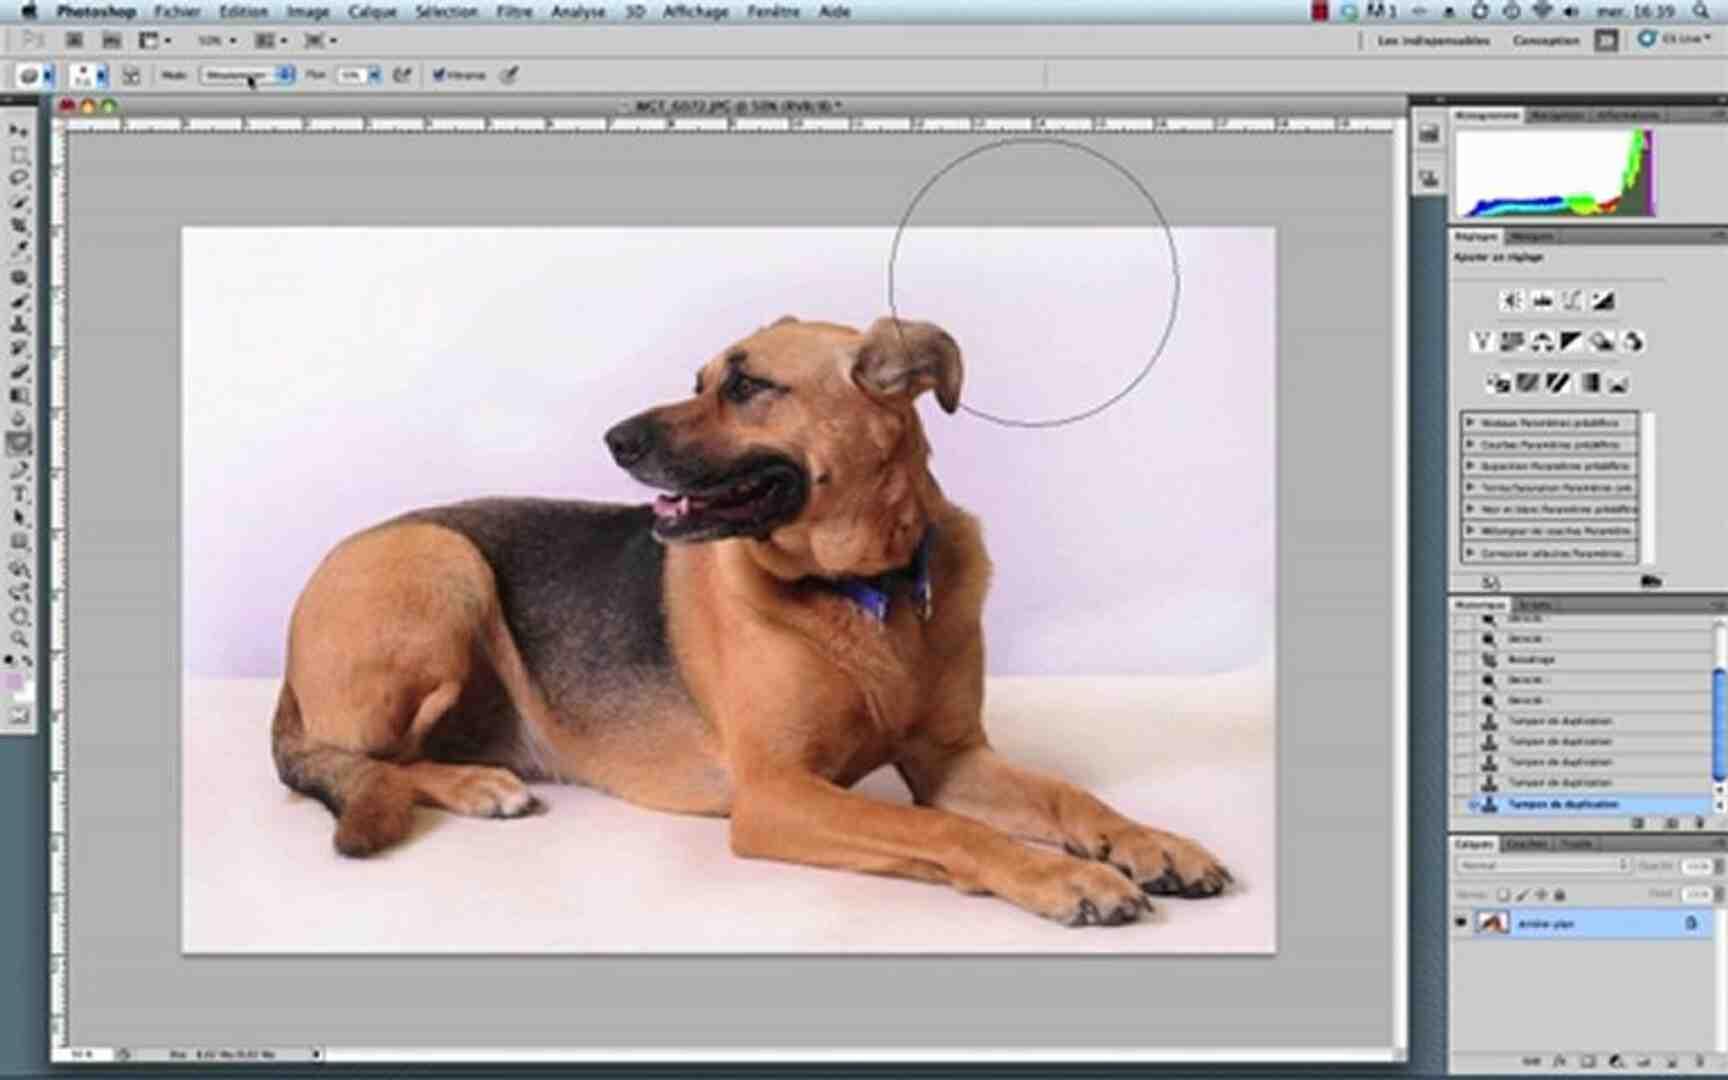 Comment rendre le dos d'une image transparent ?